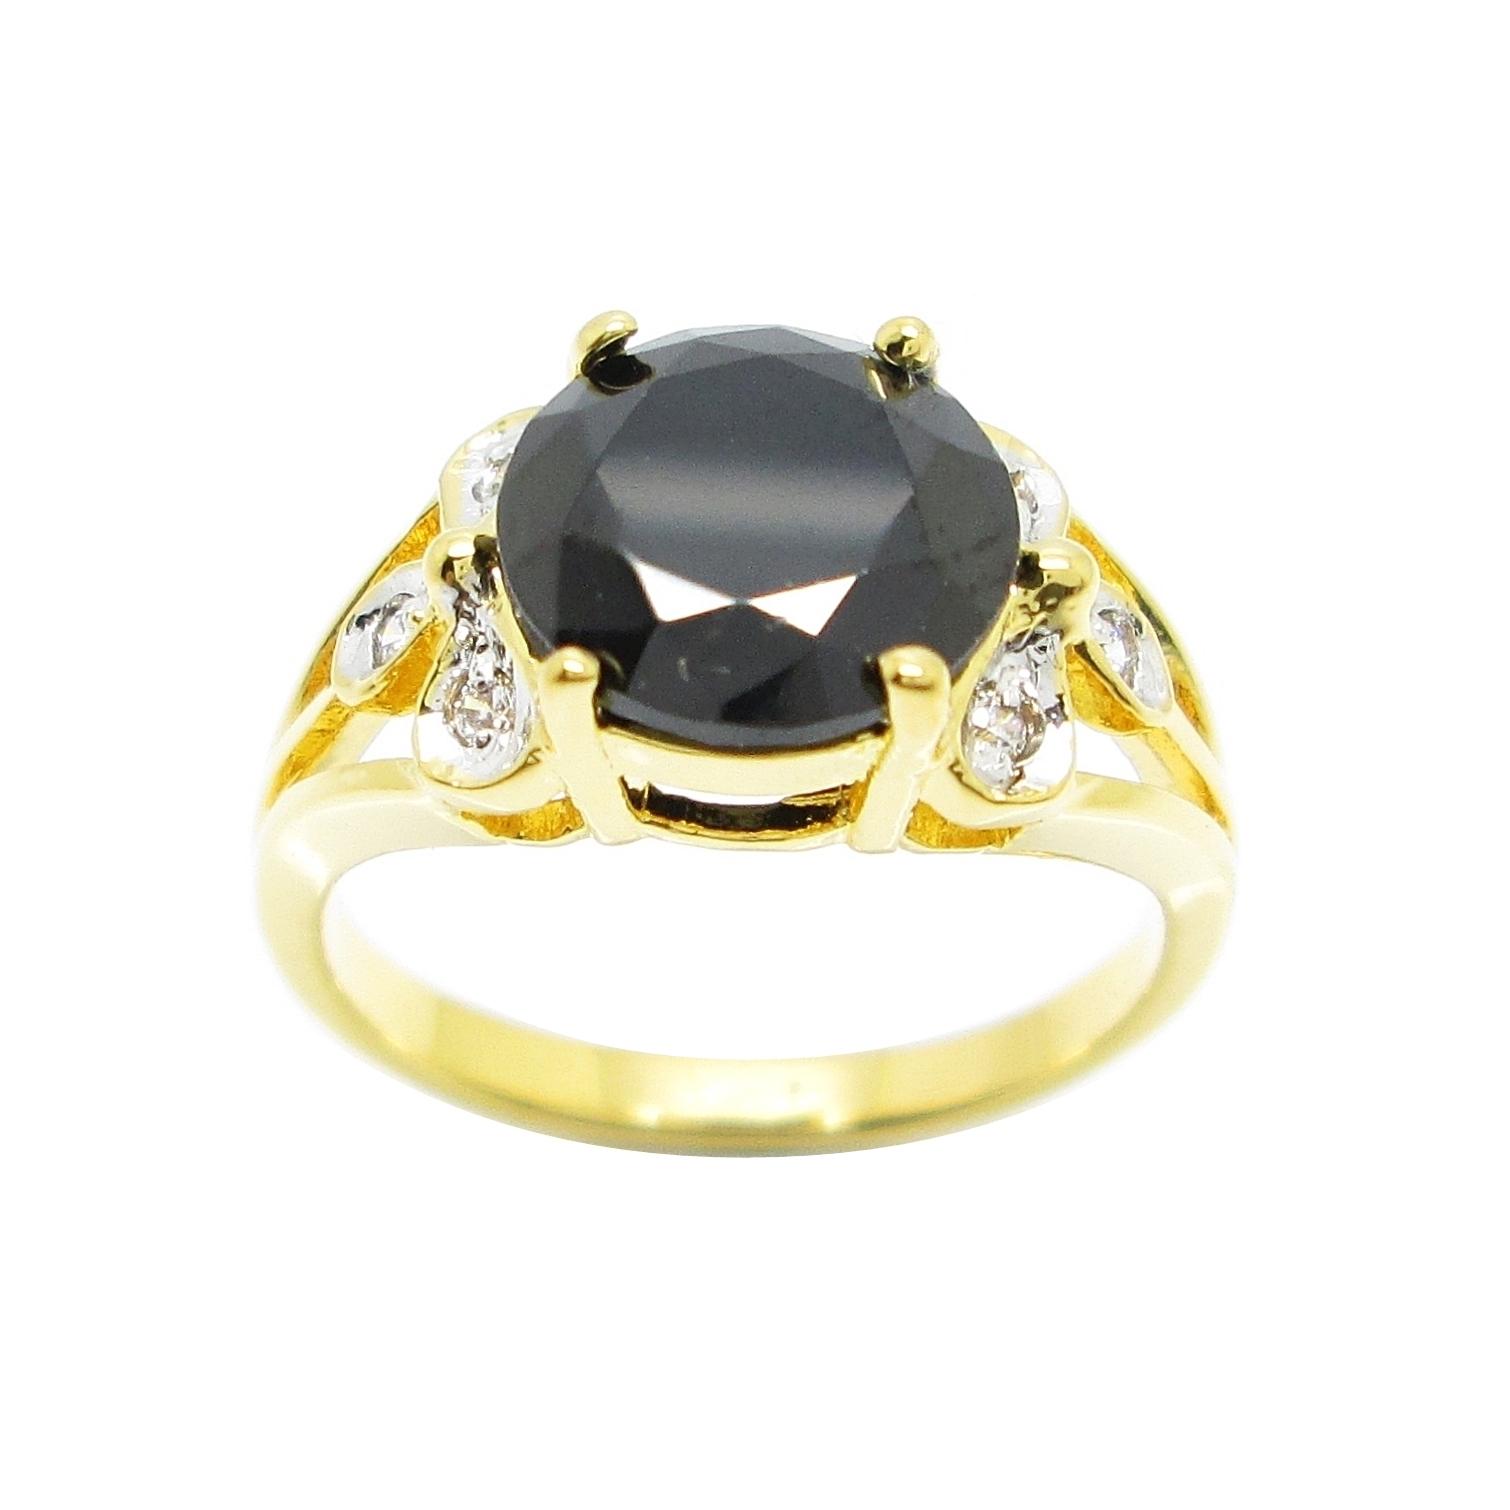 แหวนพลอยสีนิลประดับใบไม้เพชรจิกไข่ปลาชุบทอง